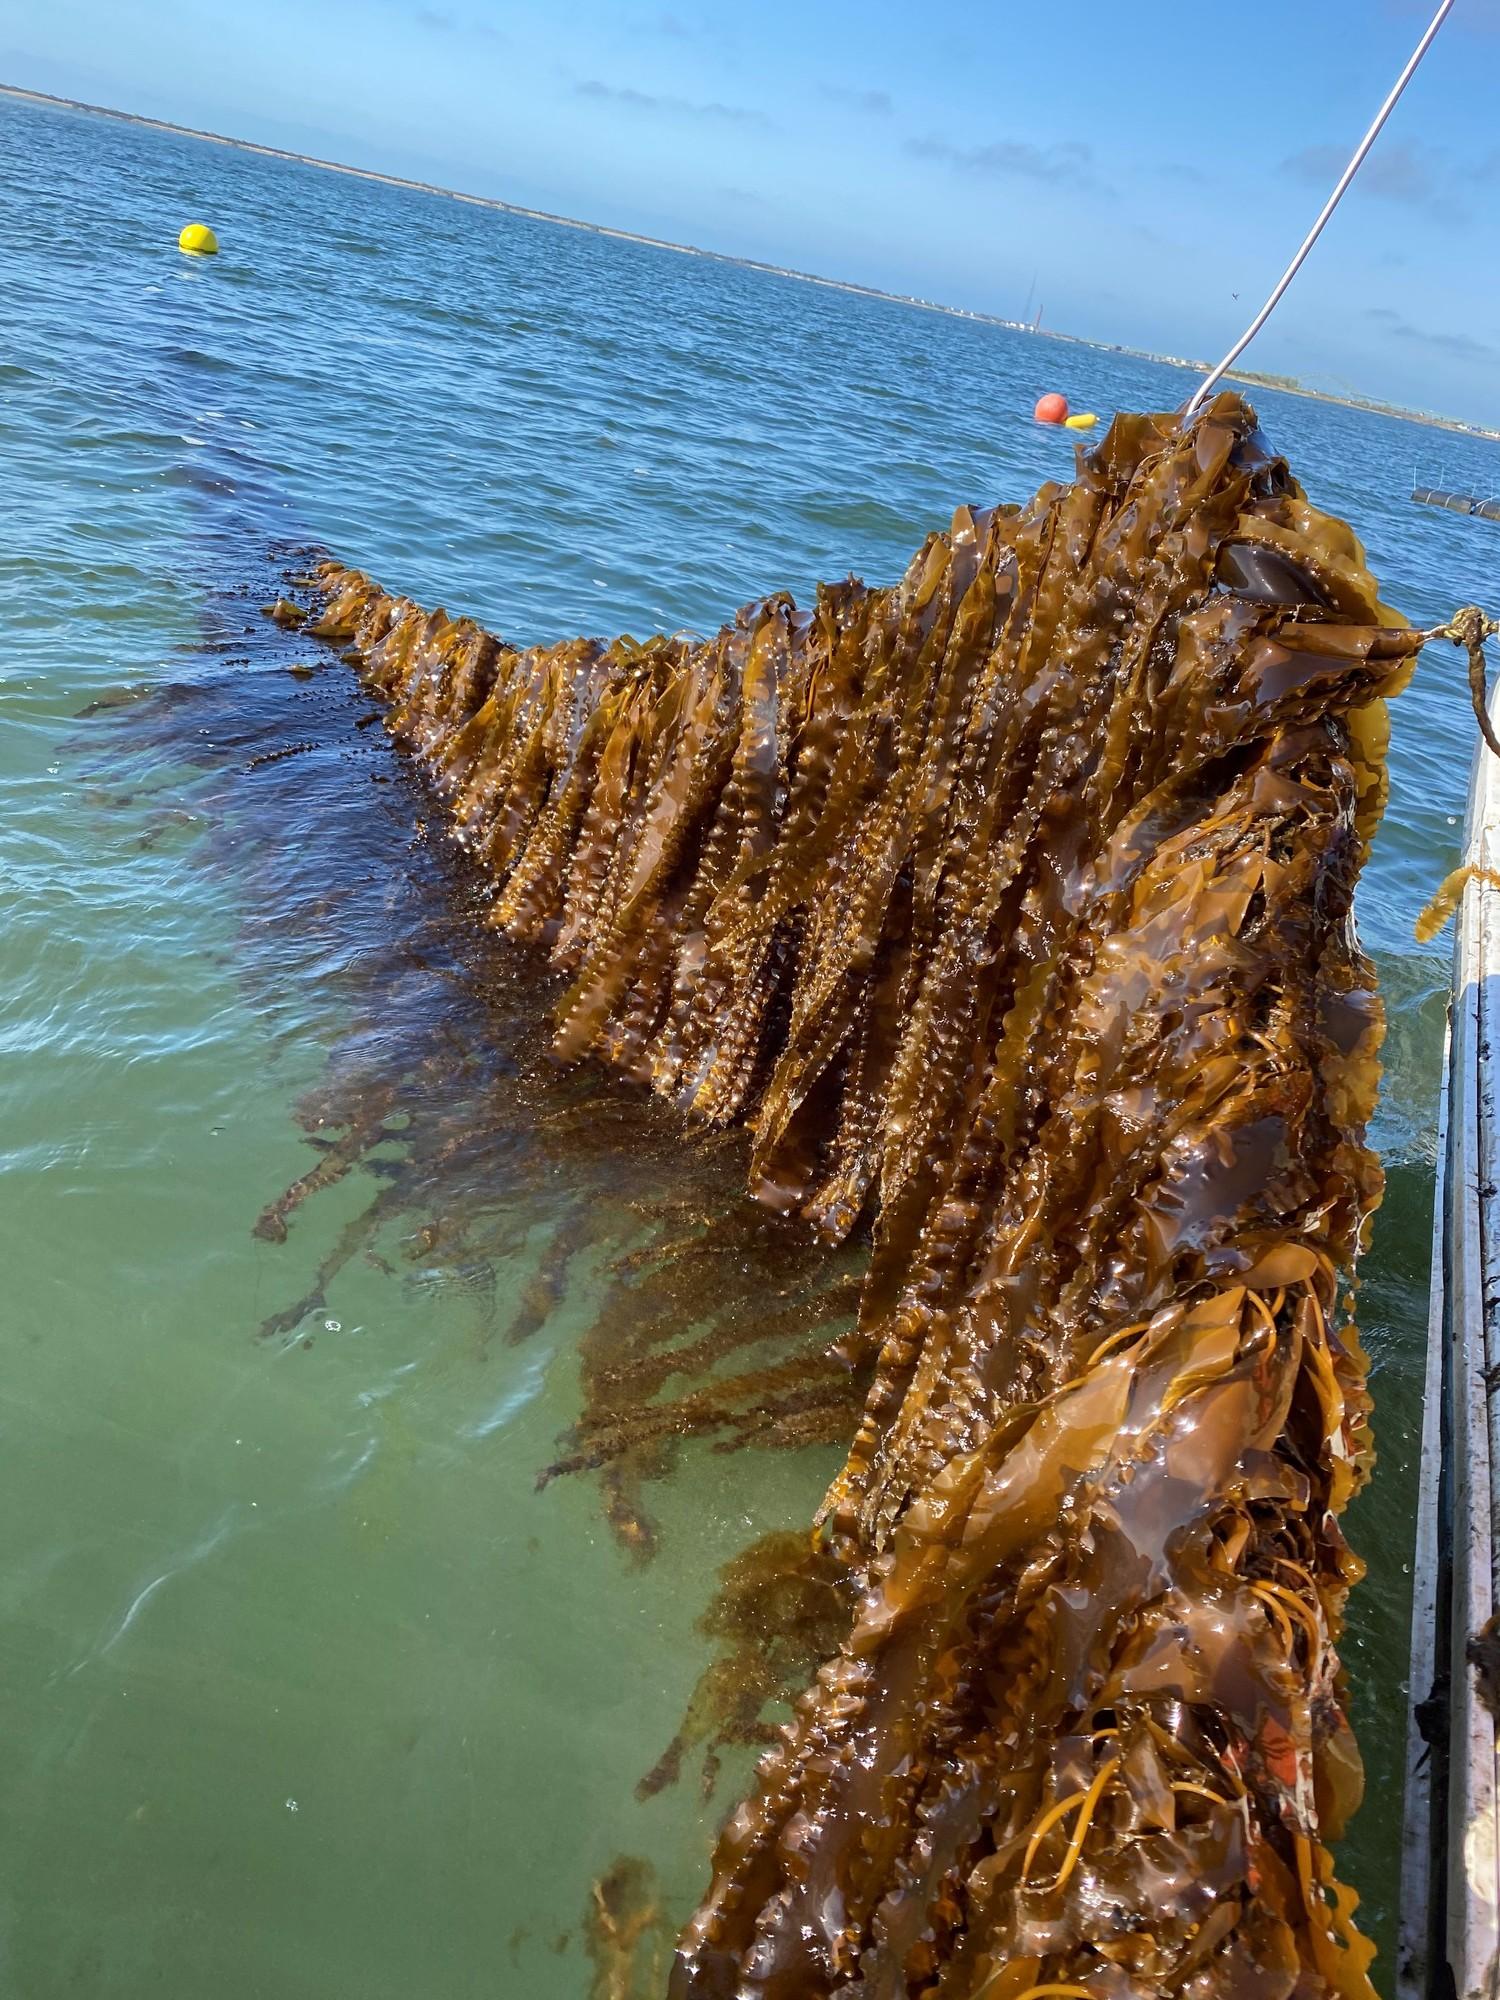 Sugar kelp on line in water